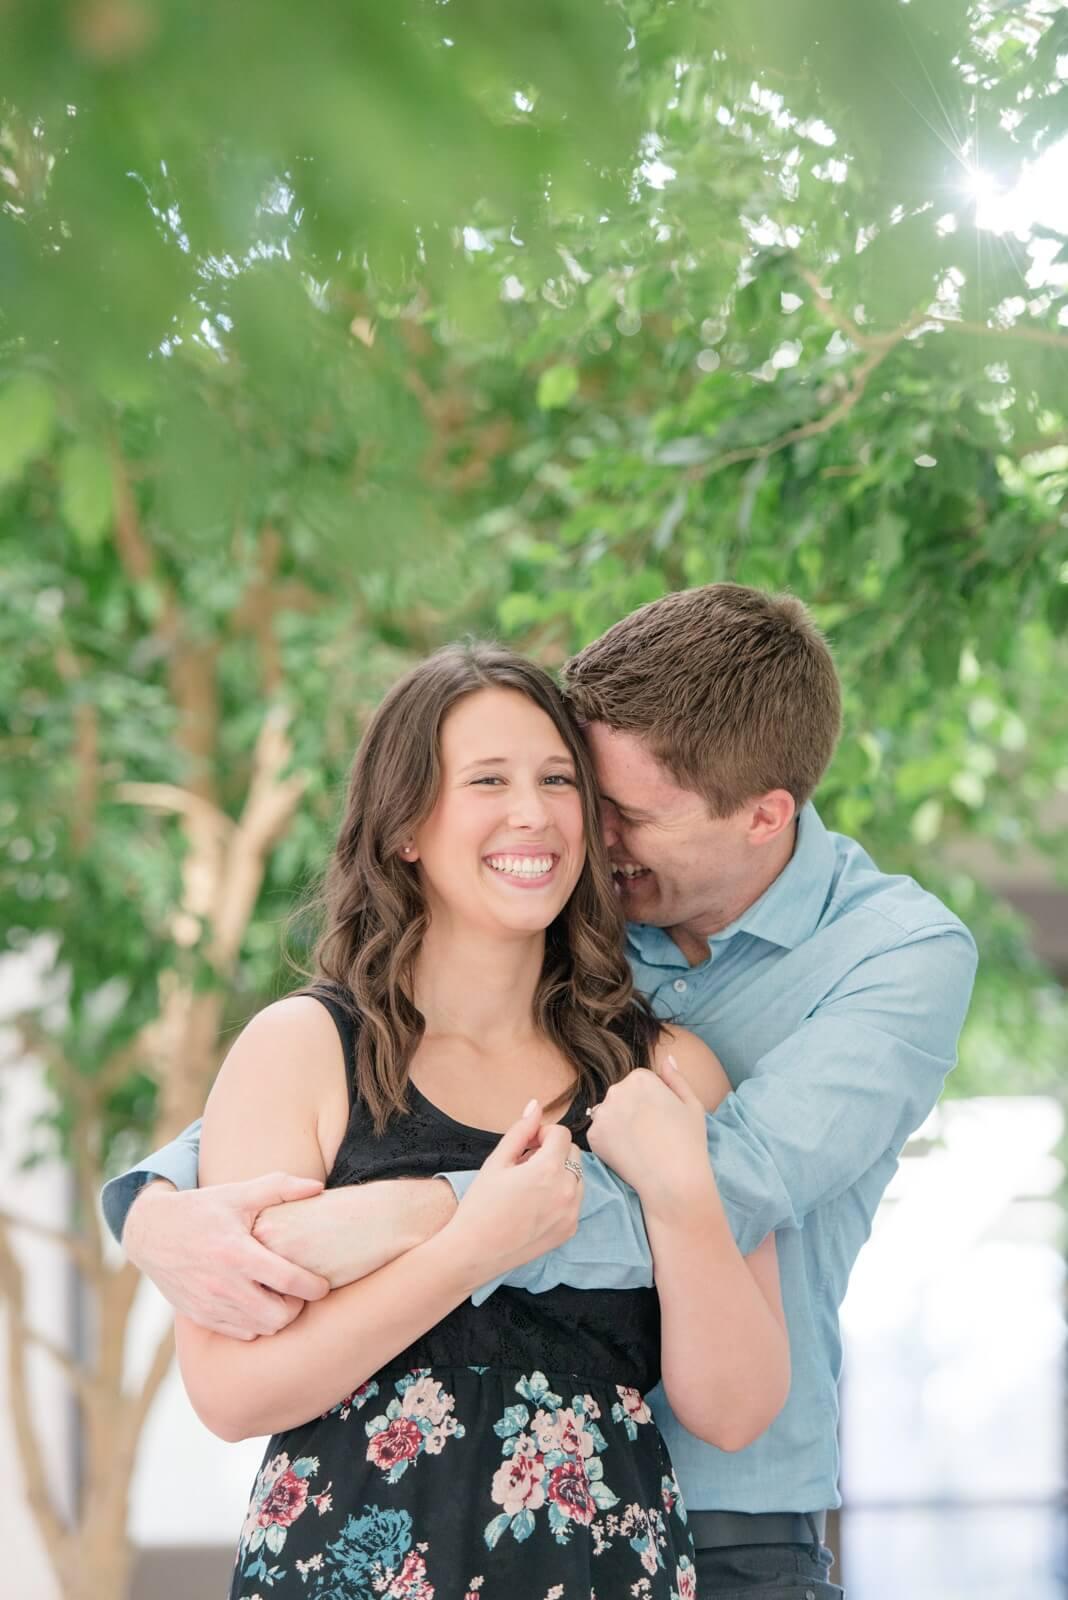 Regina Engagement Photographer - Cory-Kelsey - Amongst the trees